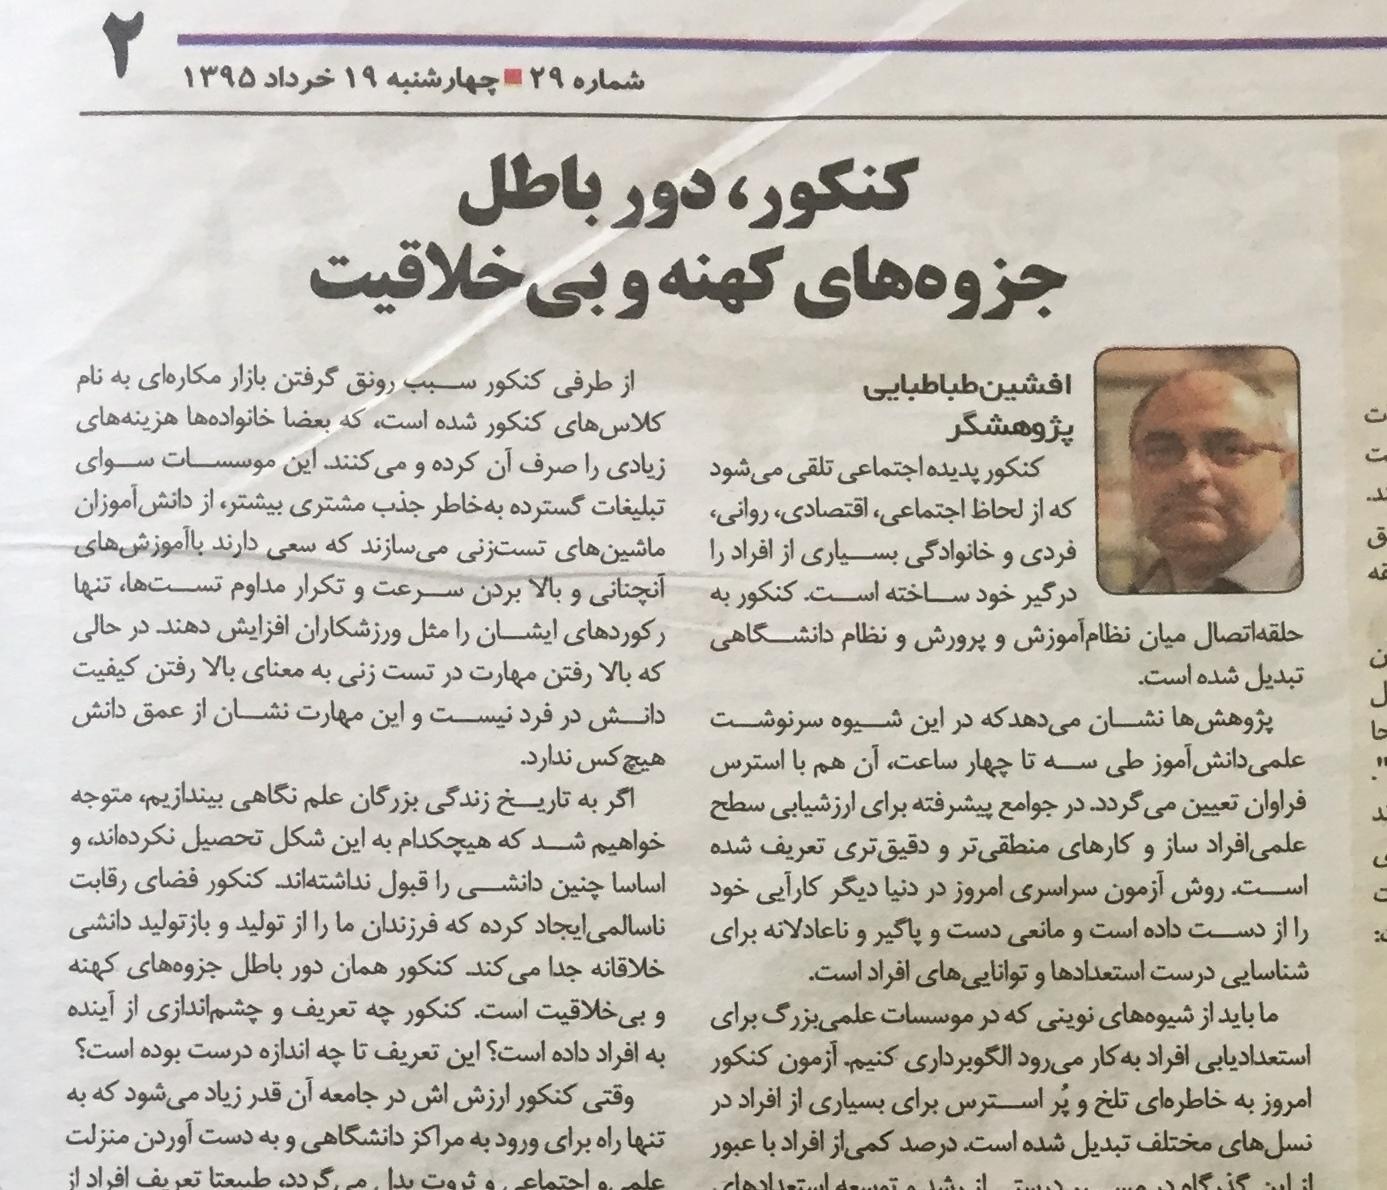 روزنامه: کنکور دور باطل جزوههای باطل و بیخلاقیت - دکتر طباطبایی